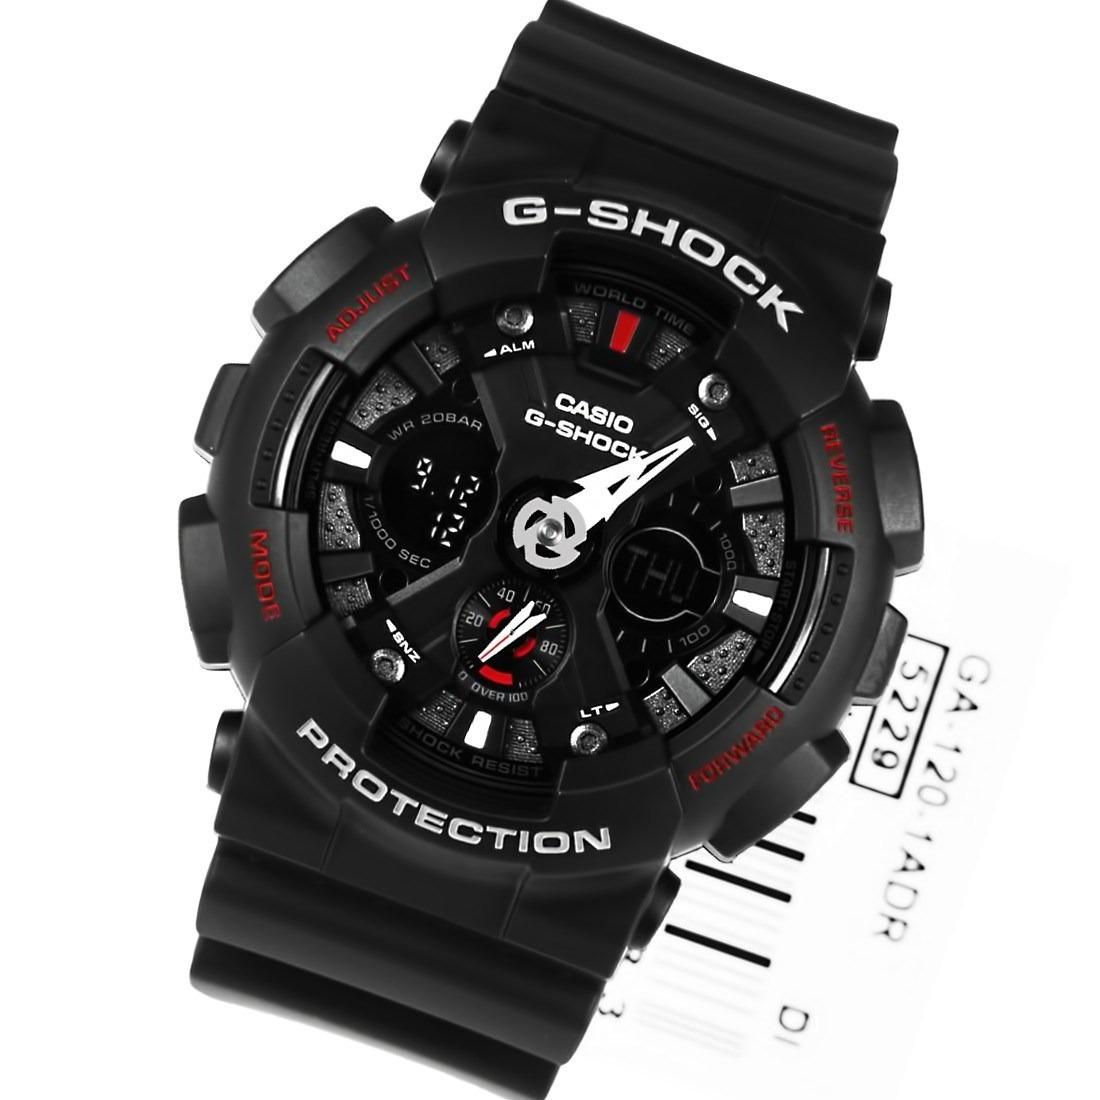 940b18fba4a relogio casio g-shock ga120 ga-120-1adr - original 5 alarmes. Carregando  zoom.